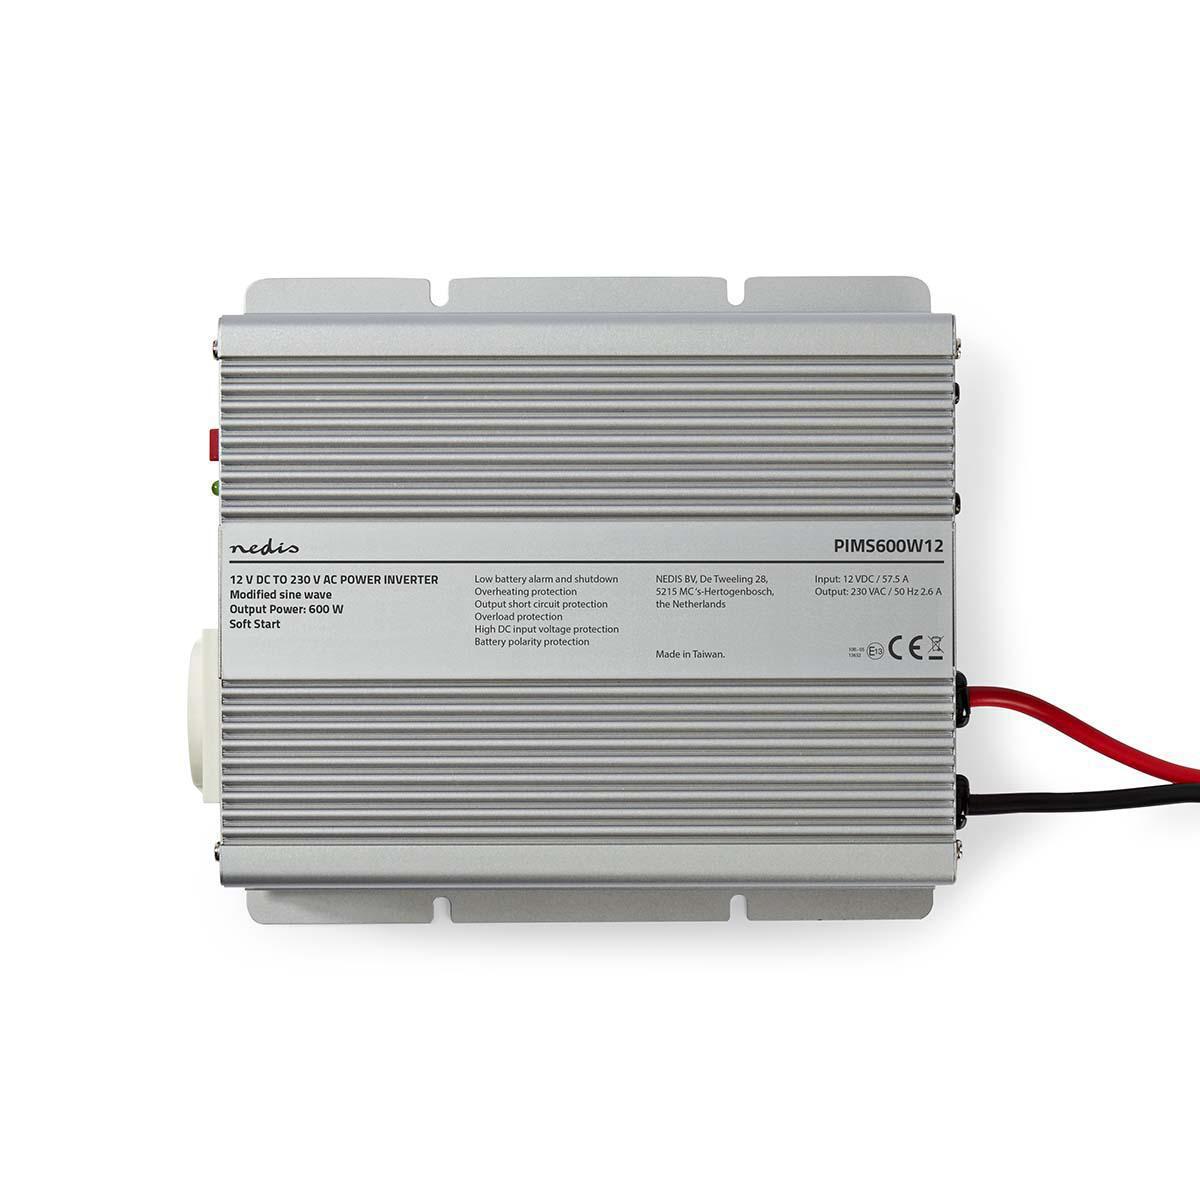 Power Inverter Modified Sine Wave | 12 V DC - 230 V AC | 600